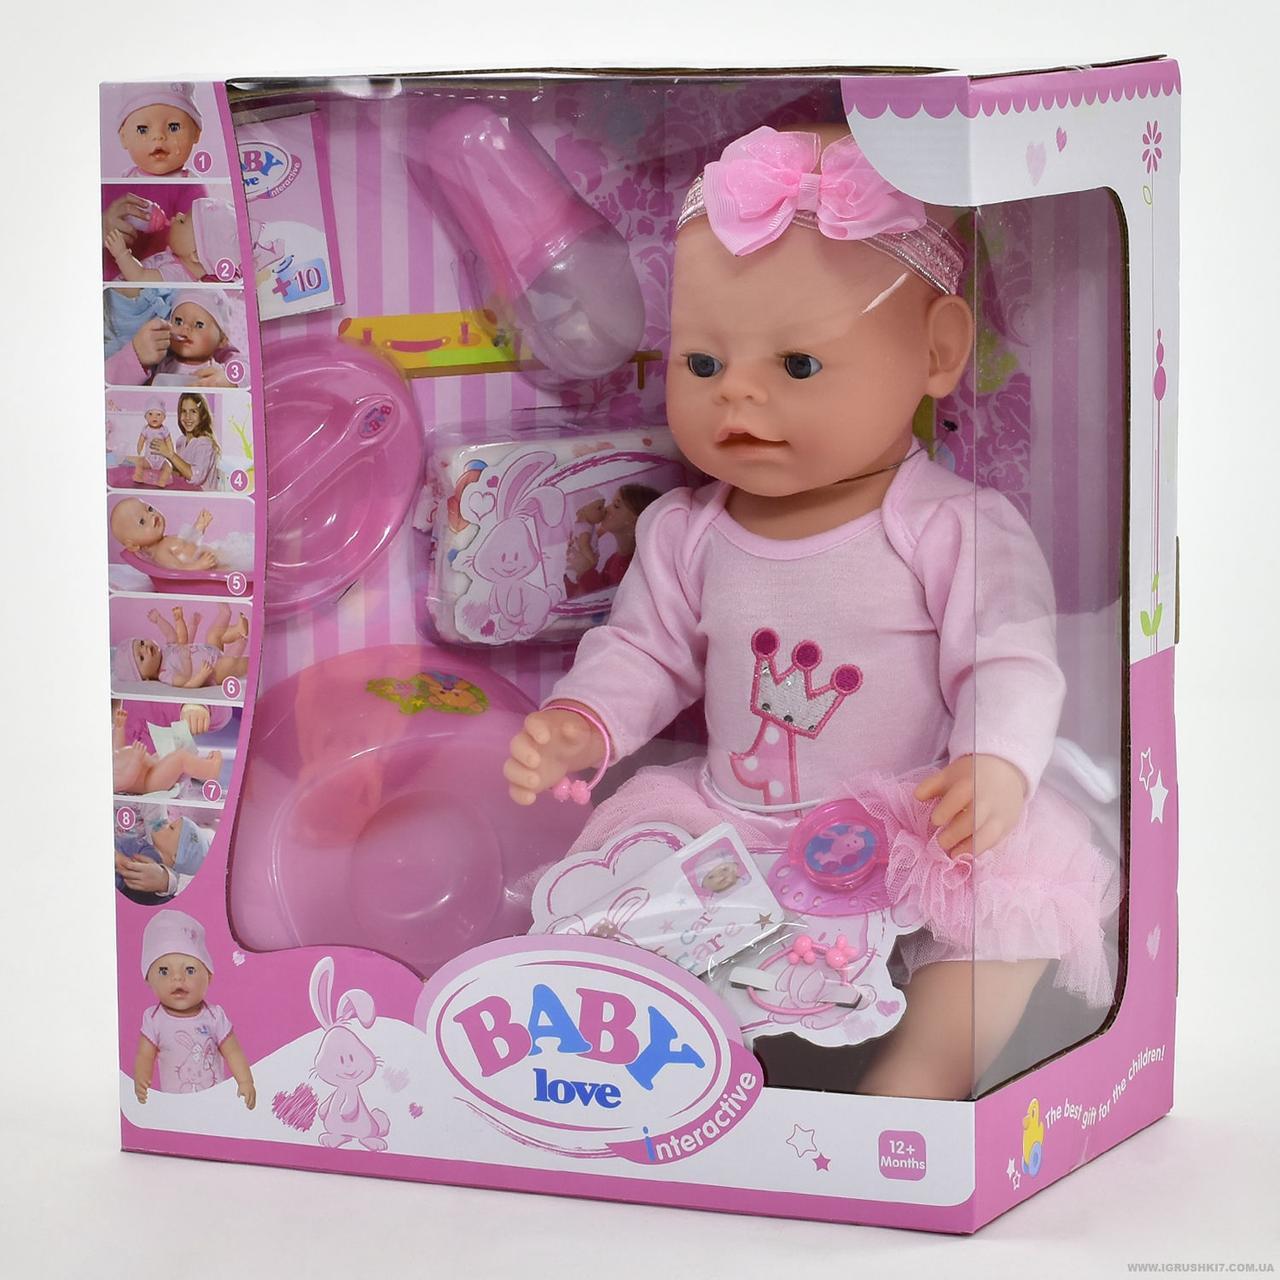 Пупс Baby Love BL 020 N, з п'є з пляшечки, їсть кашу, ходить на горщик, можна купати у воді, пупсики